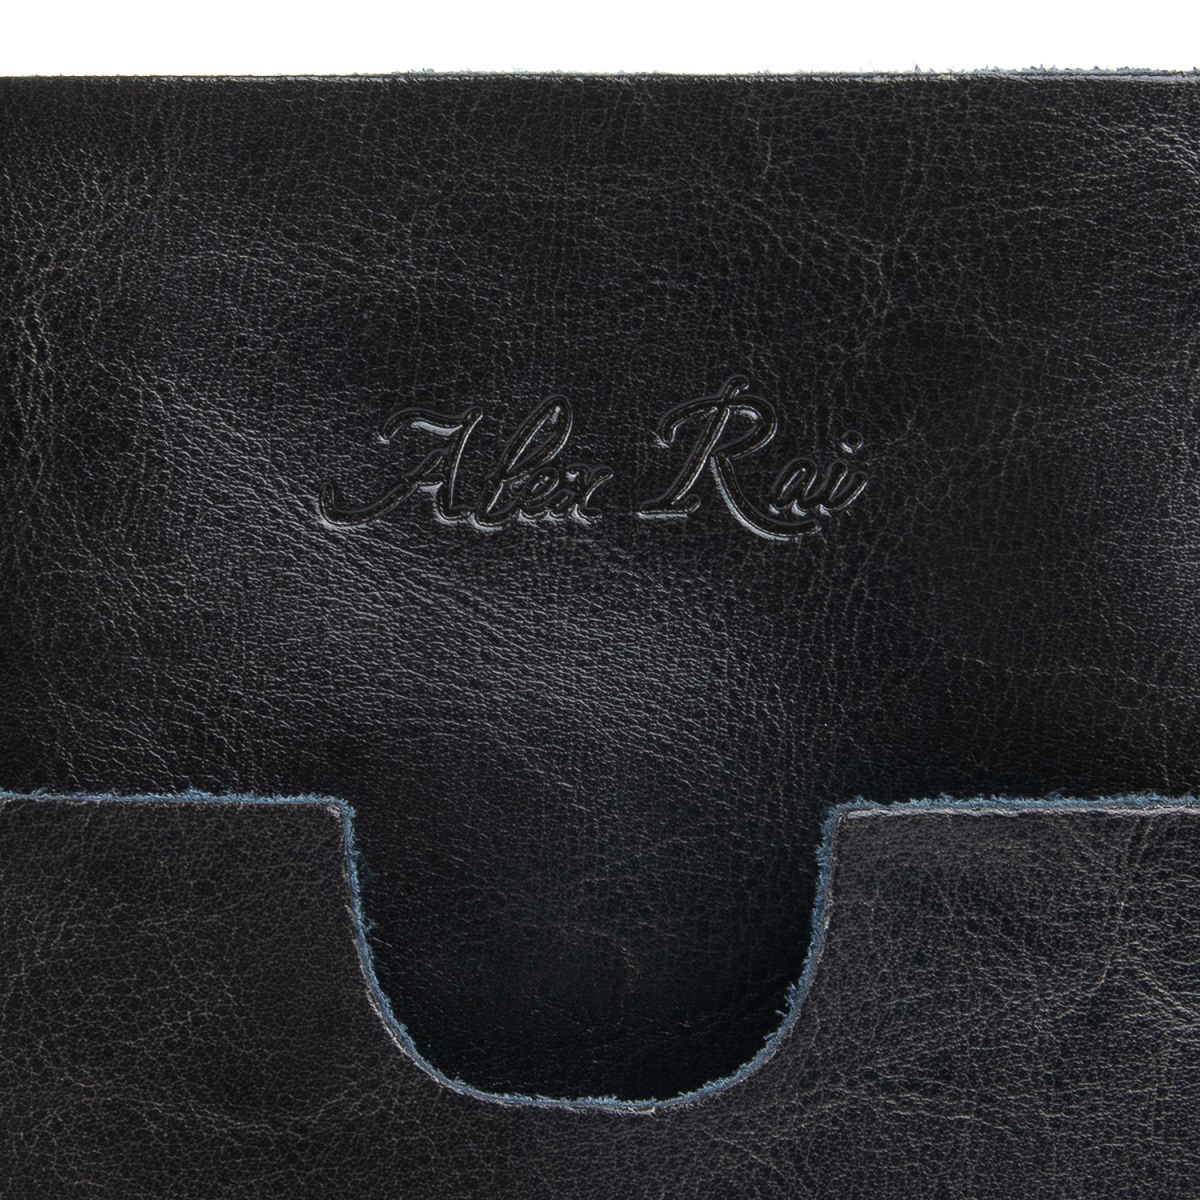 Сумка Женская Классическая кожа ALEX RAI 08-1 1535 grey - фото 4